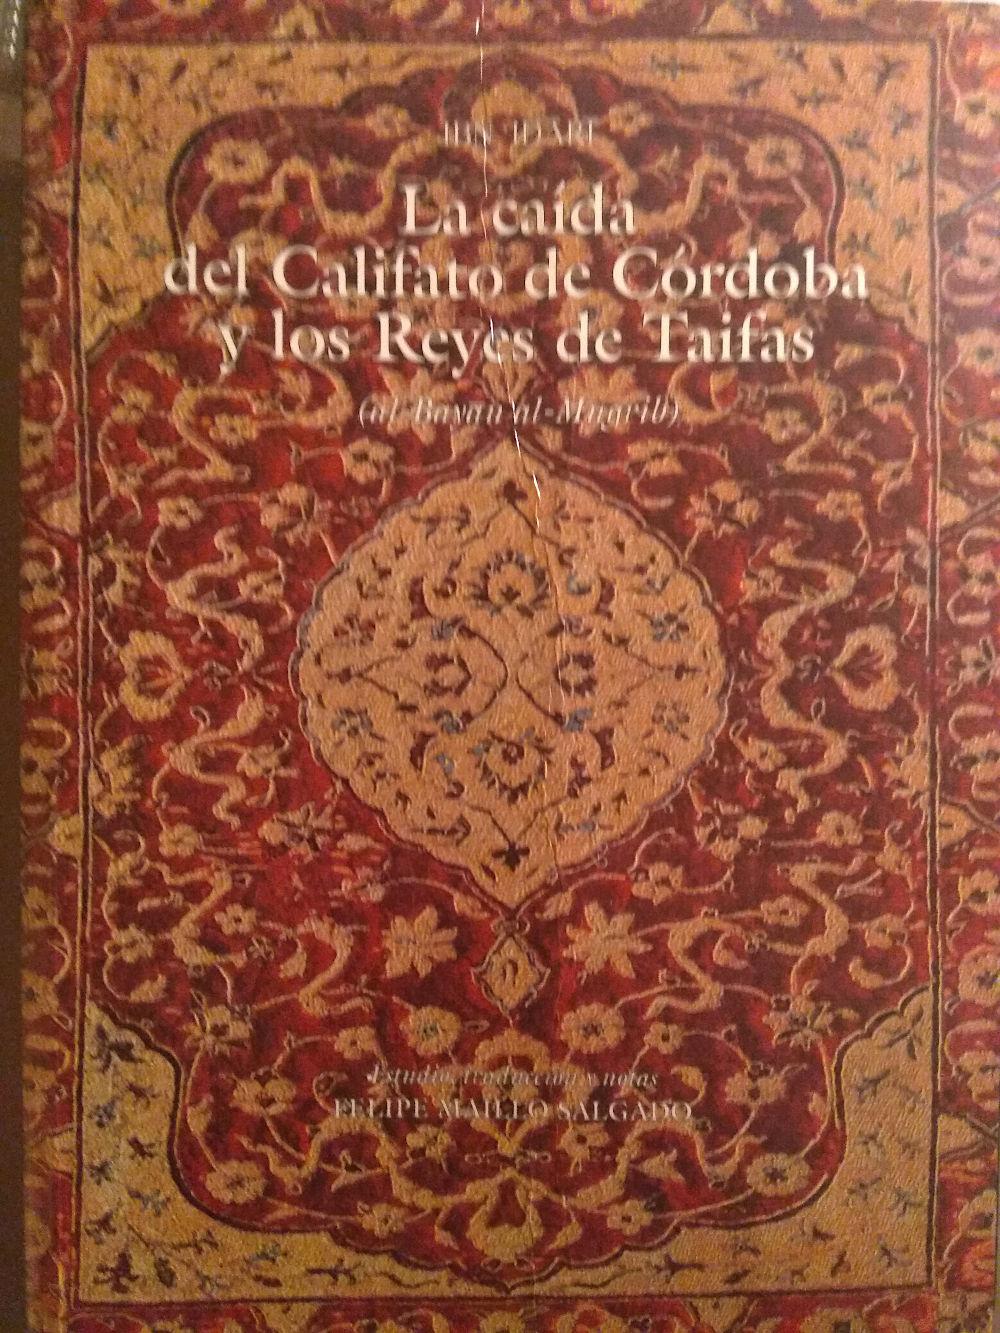 La caída del Califato de Córdoba y los Reyes de Taifas (al-Bayan al-Mugrib) Book Cover